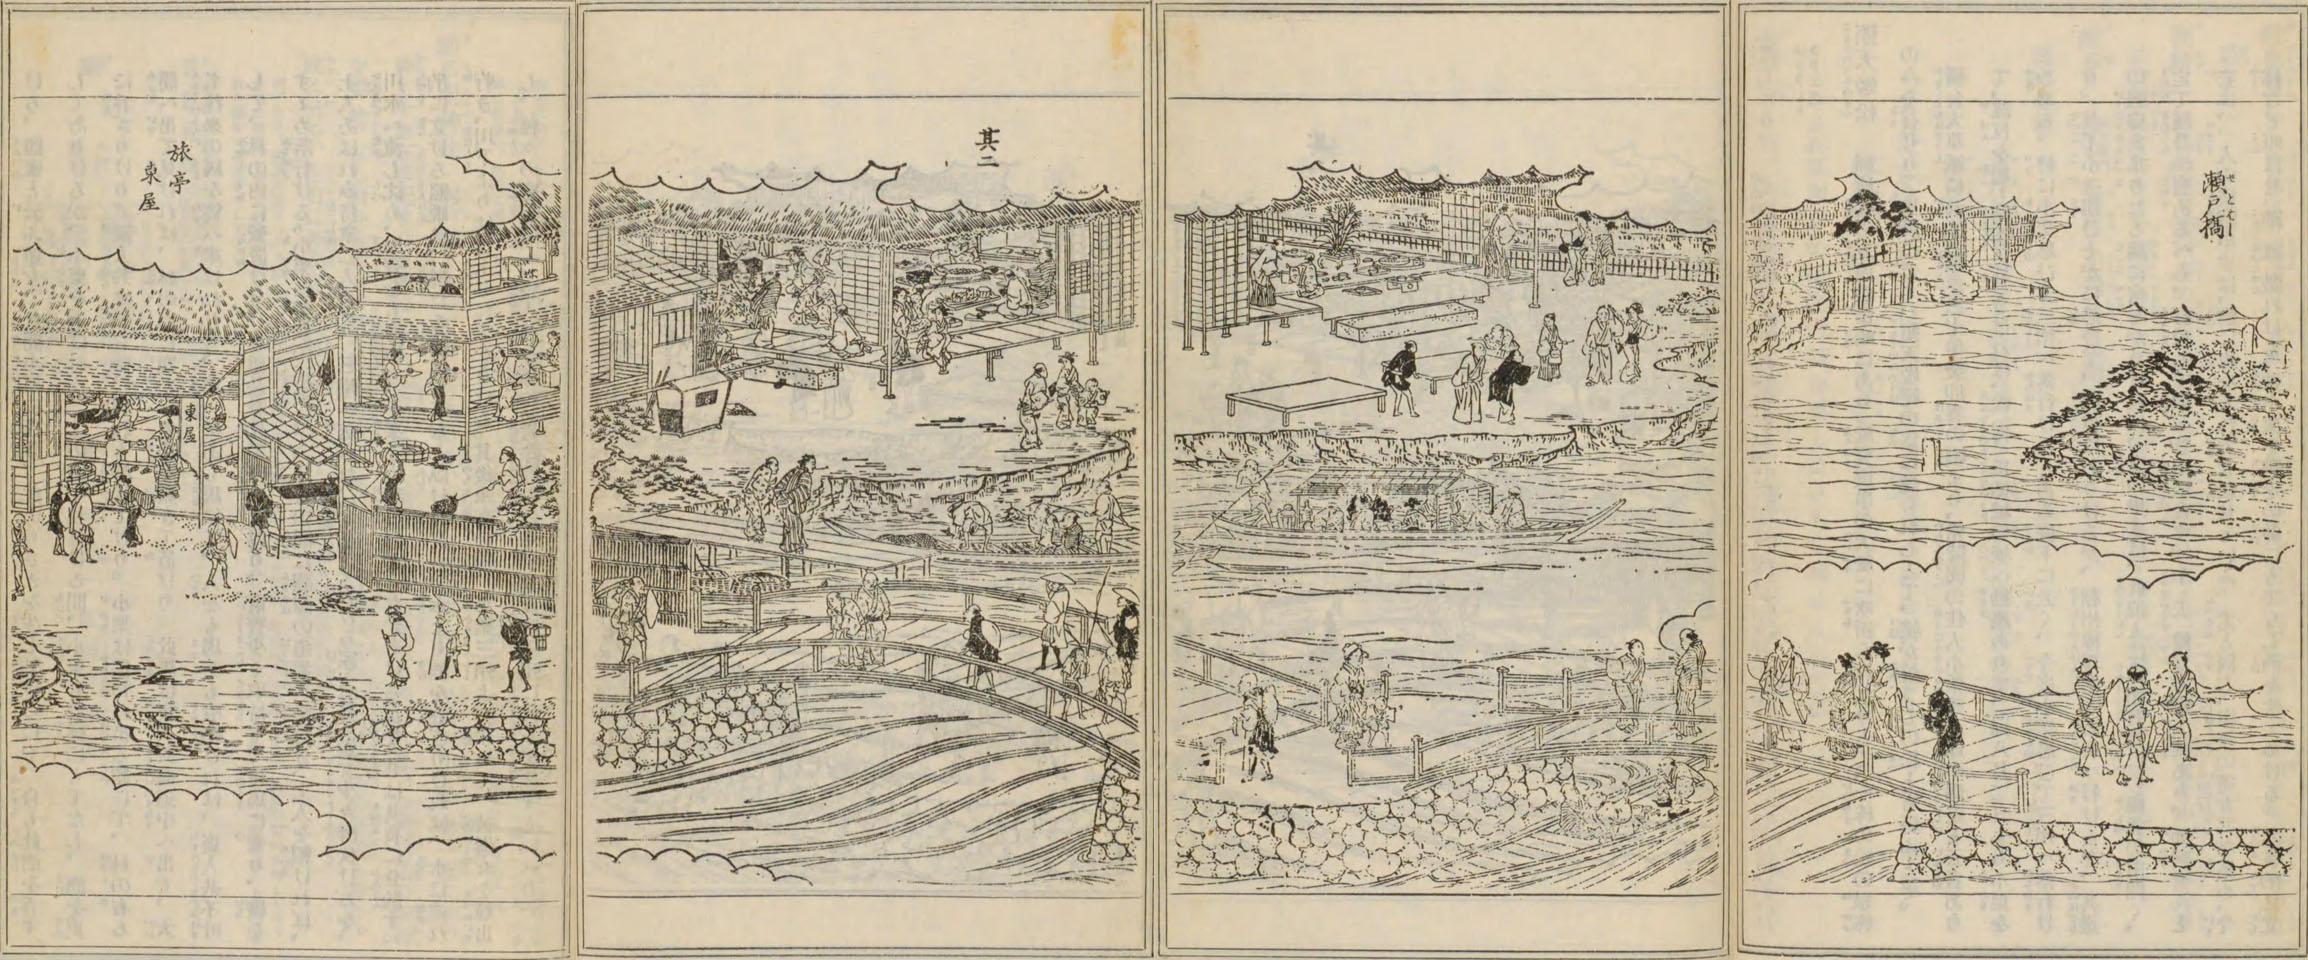 江戸名所図会・瀬戸橋-THE YOKOHAMA STANDARD